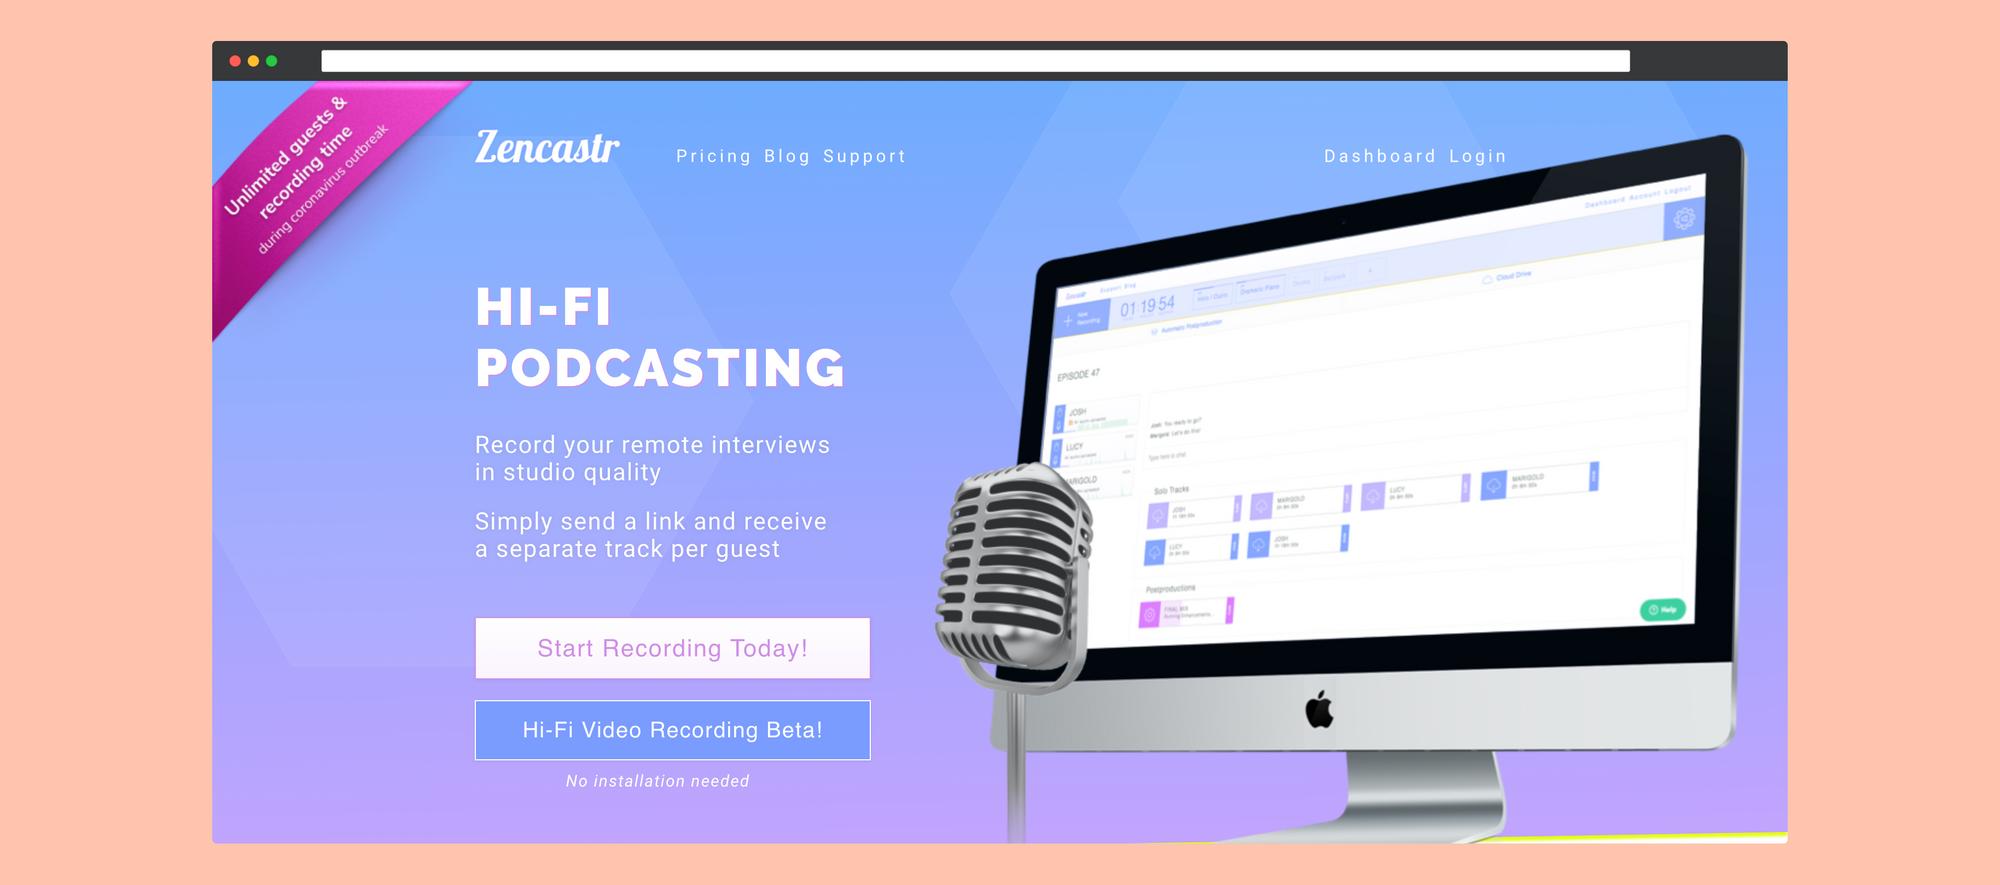 Screenshot of Zencastr Website Homepage